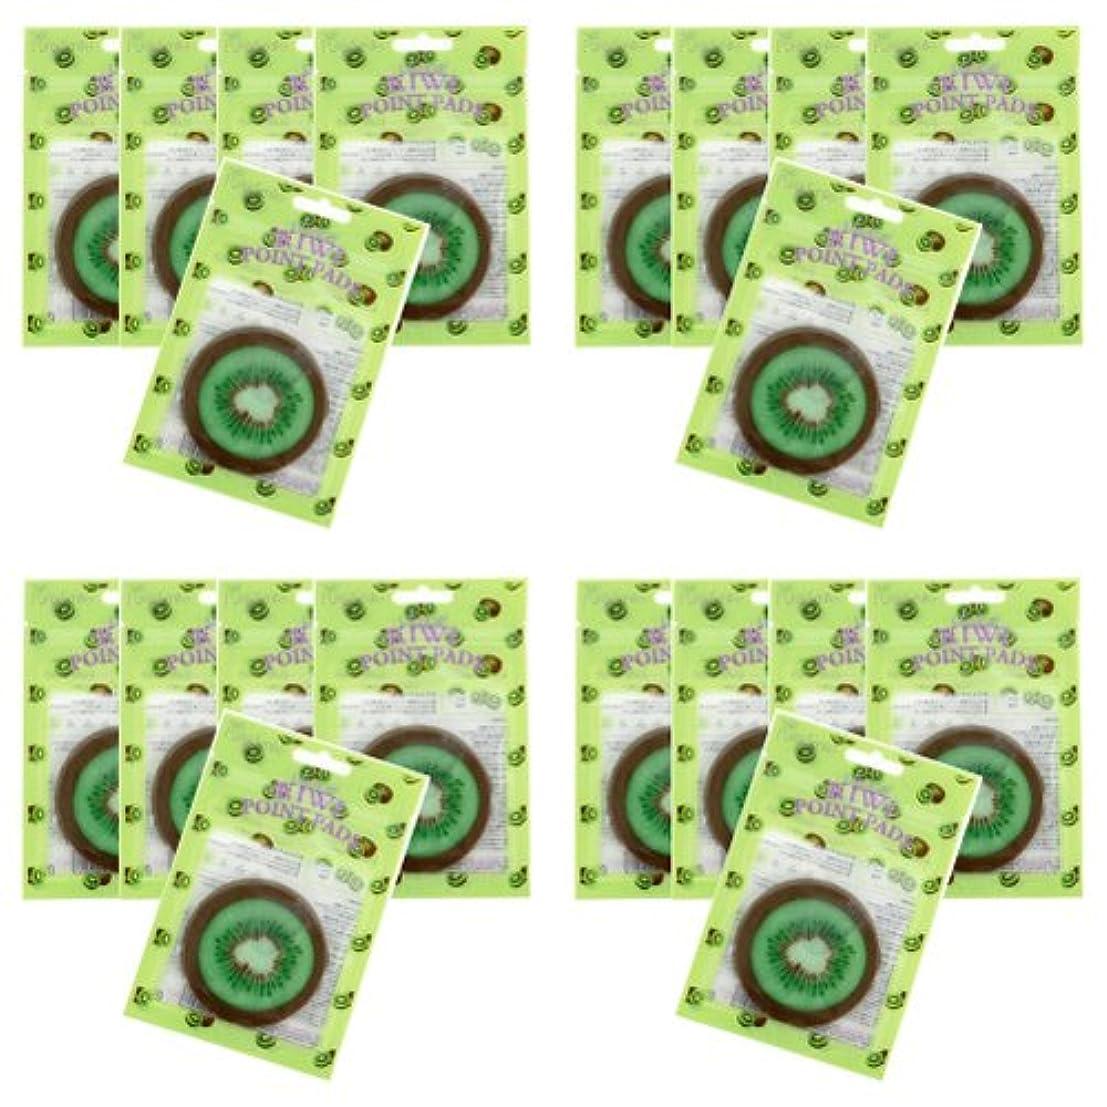 白いなる寄託ピュアスマイル ジューシーポイントパッド キウィ20パックセット(1パック10枚入 合計200枚)